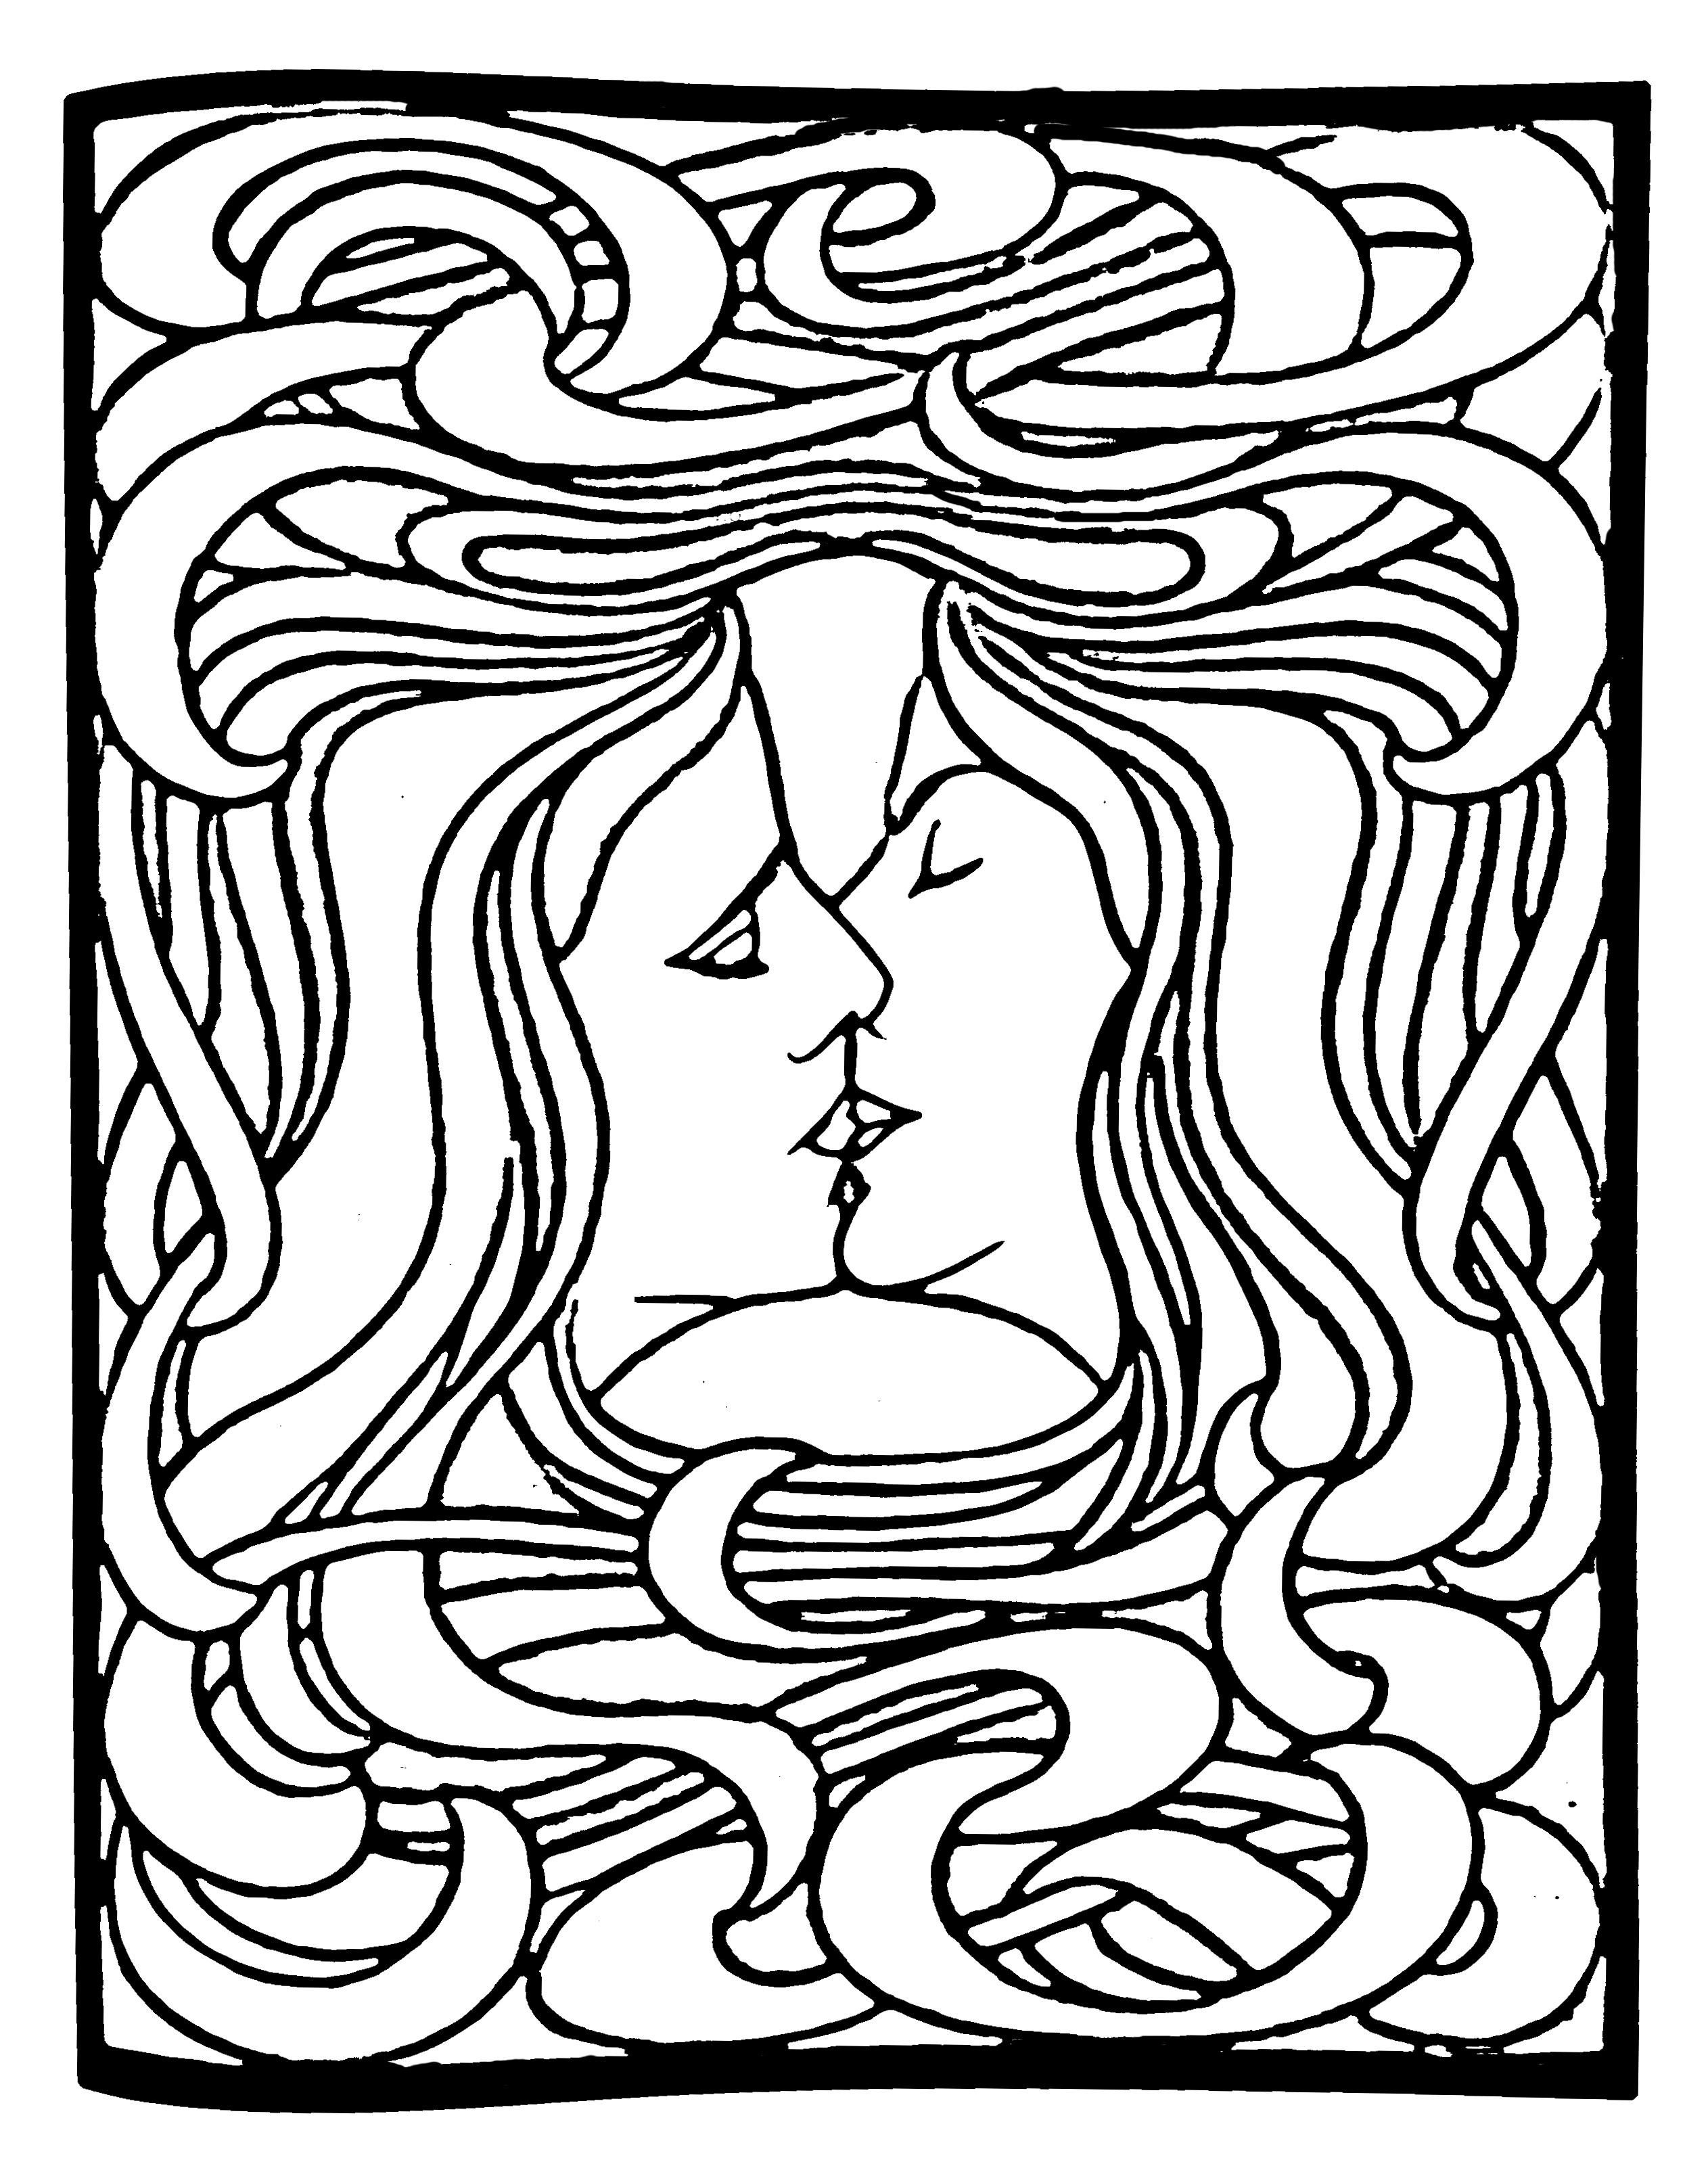 Coloriage créé à partir de 'Le Baiser' de Peter Behrens (Gravure sur bois) (1898)